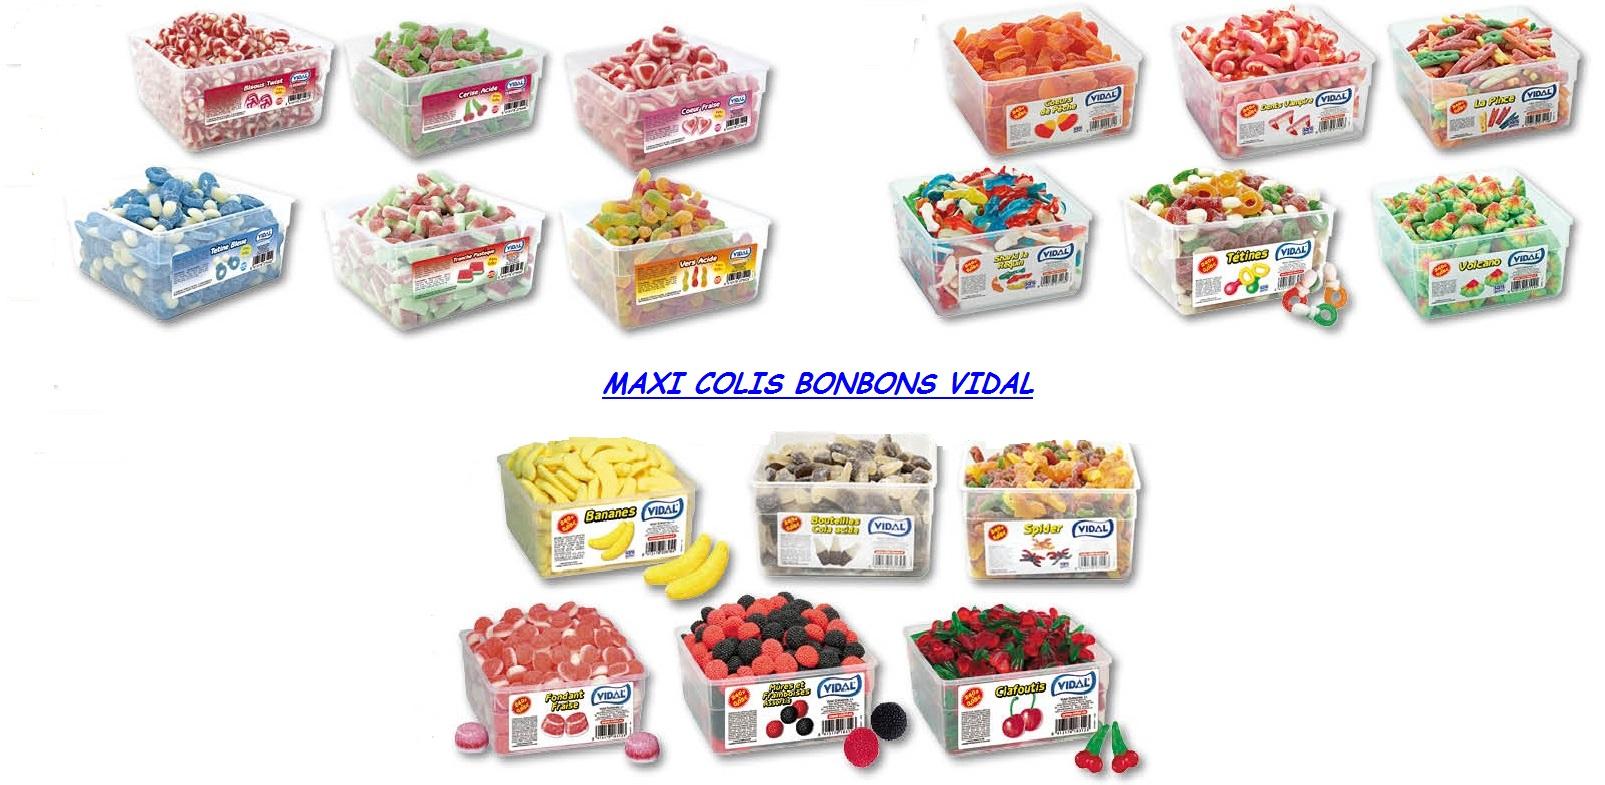 bonbon-vidal-maxi-colis